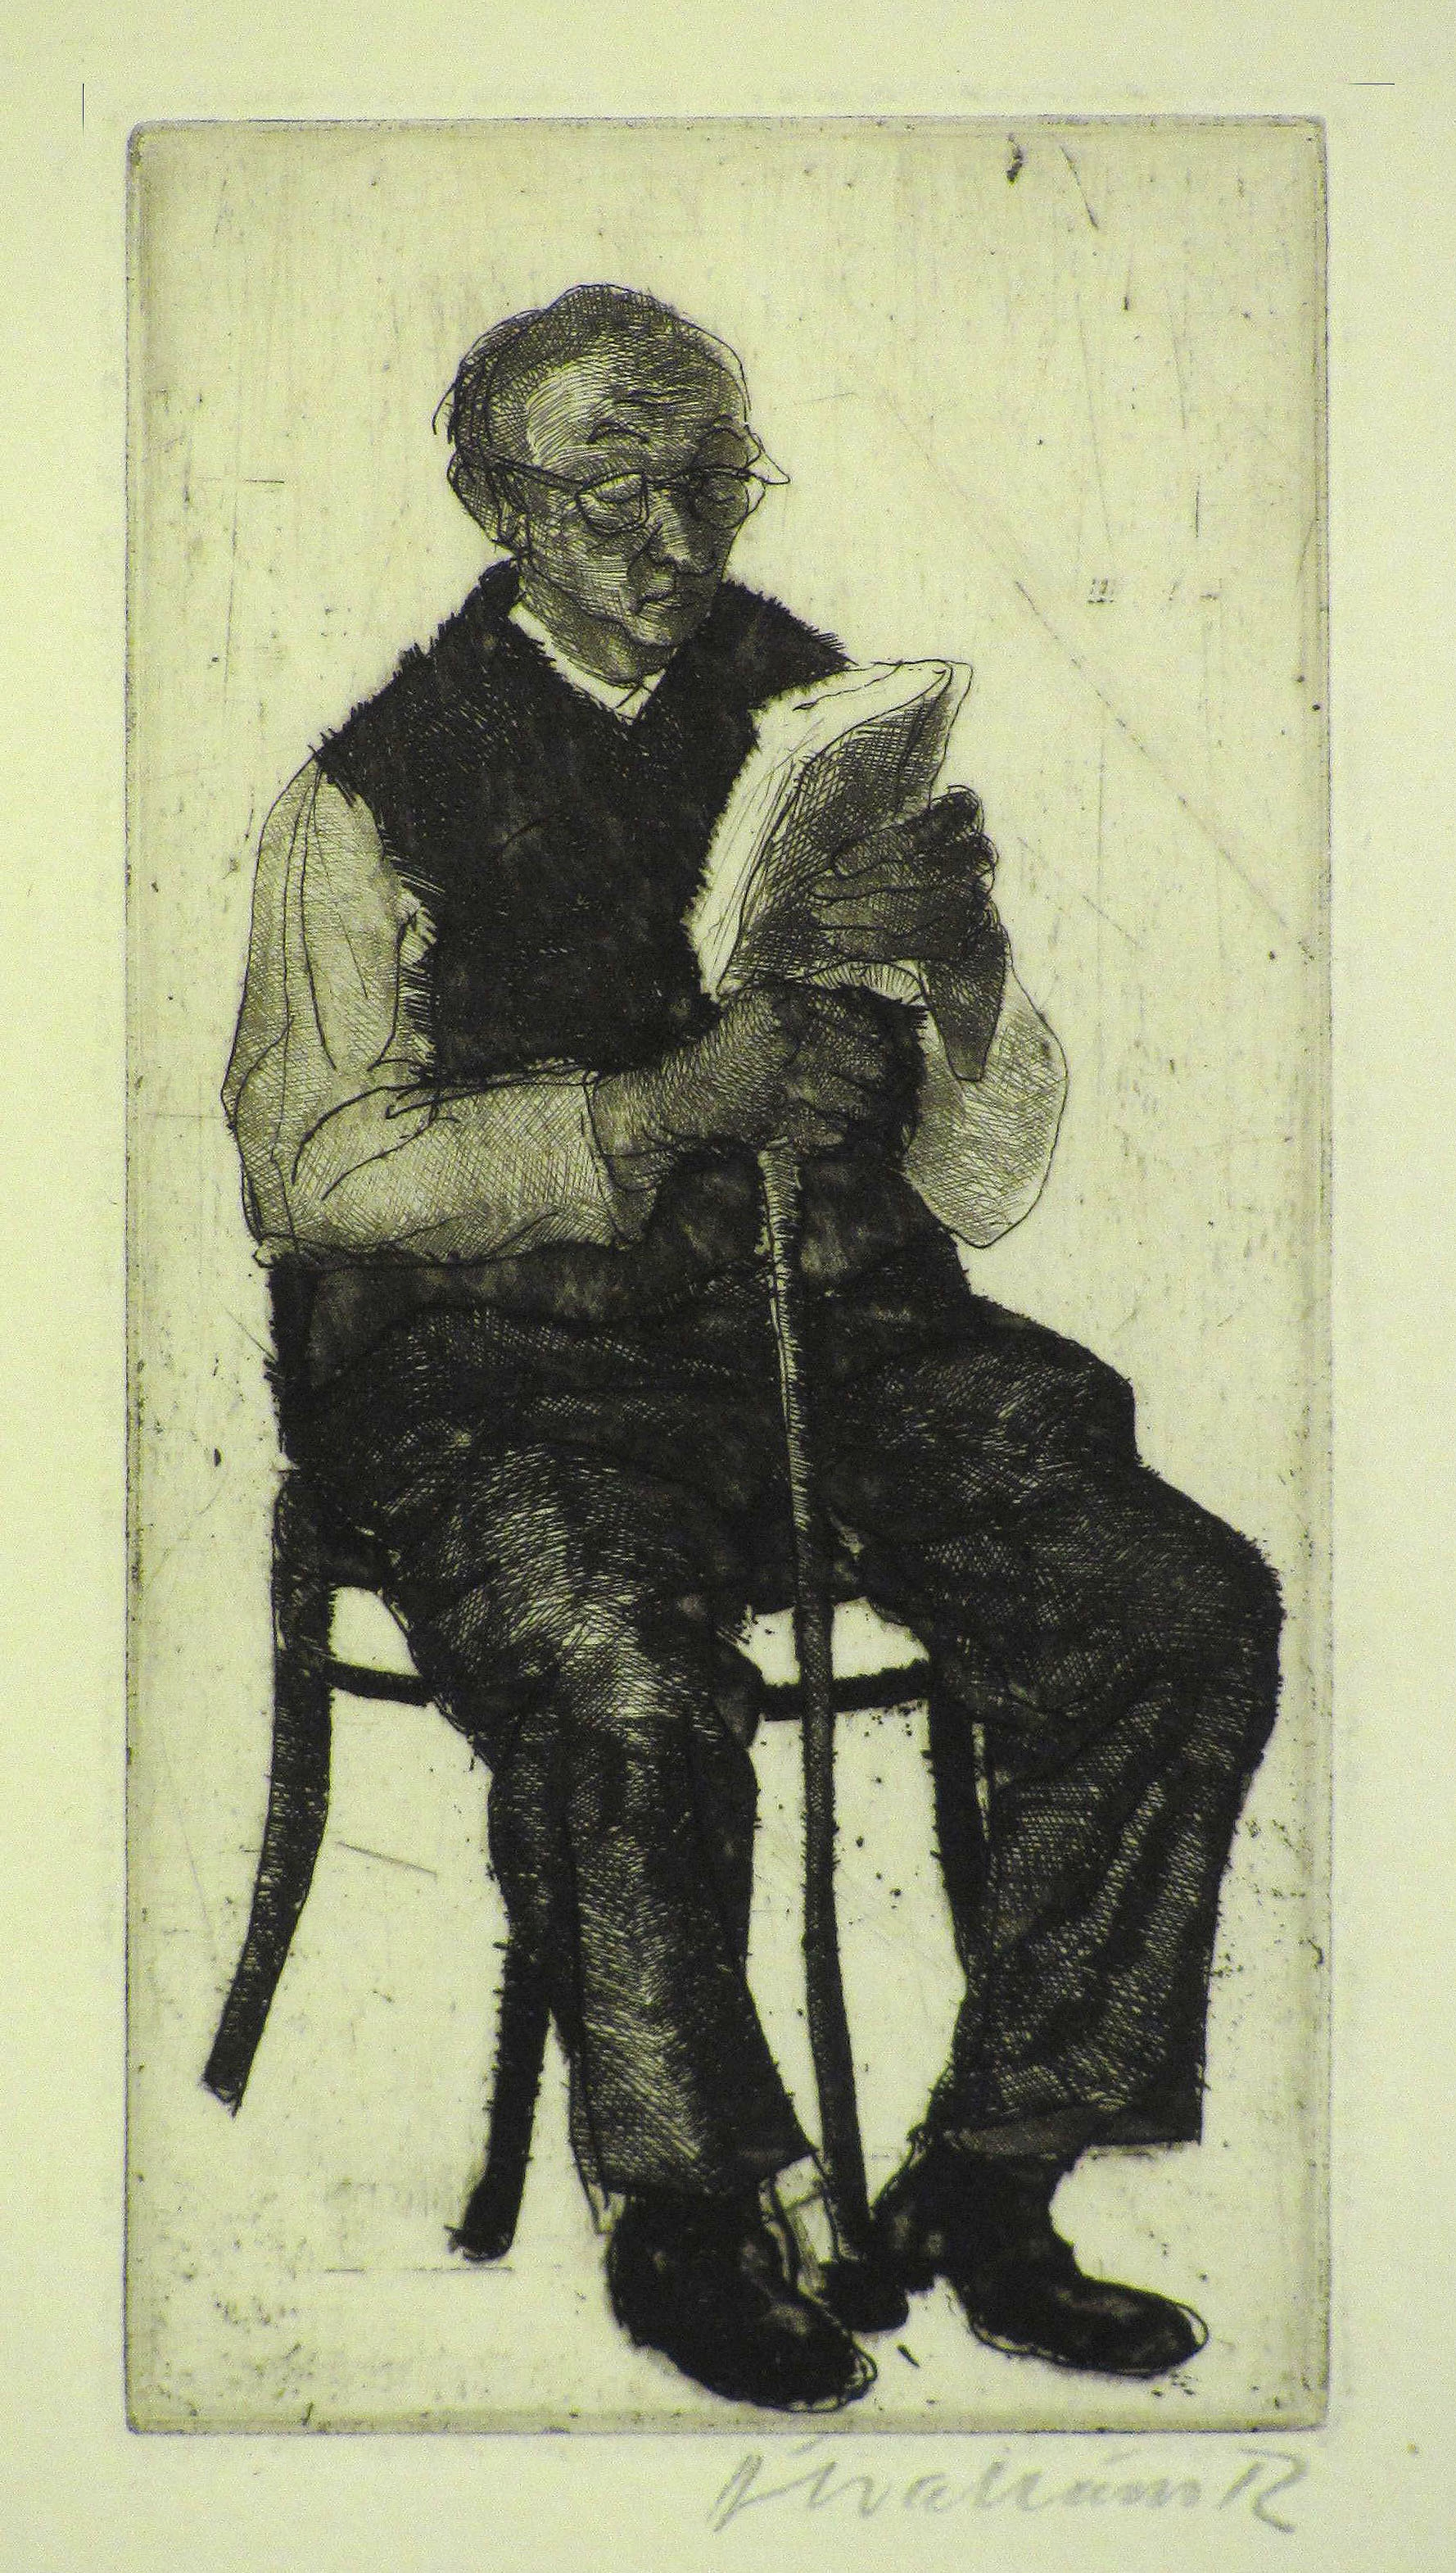 94-26kn.jpg (1778�3141)